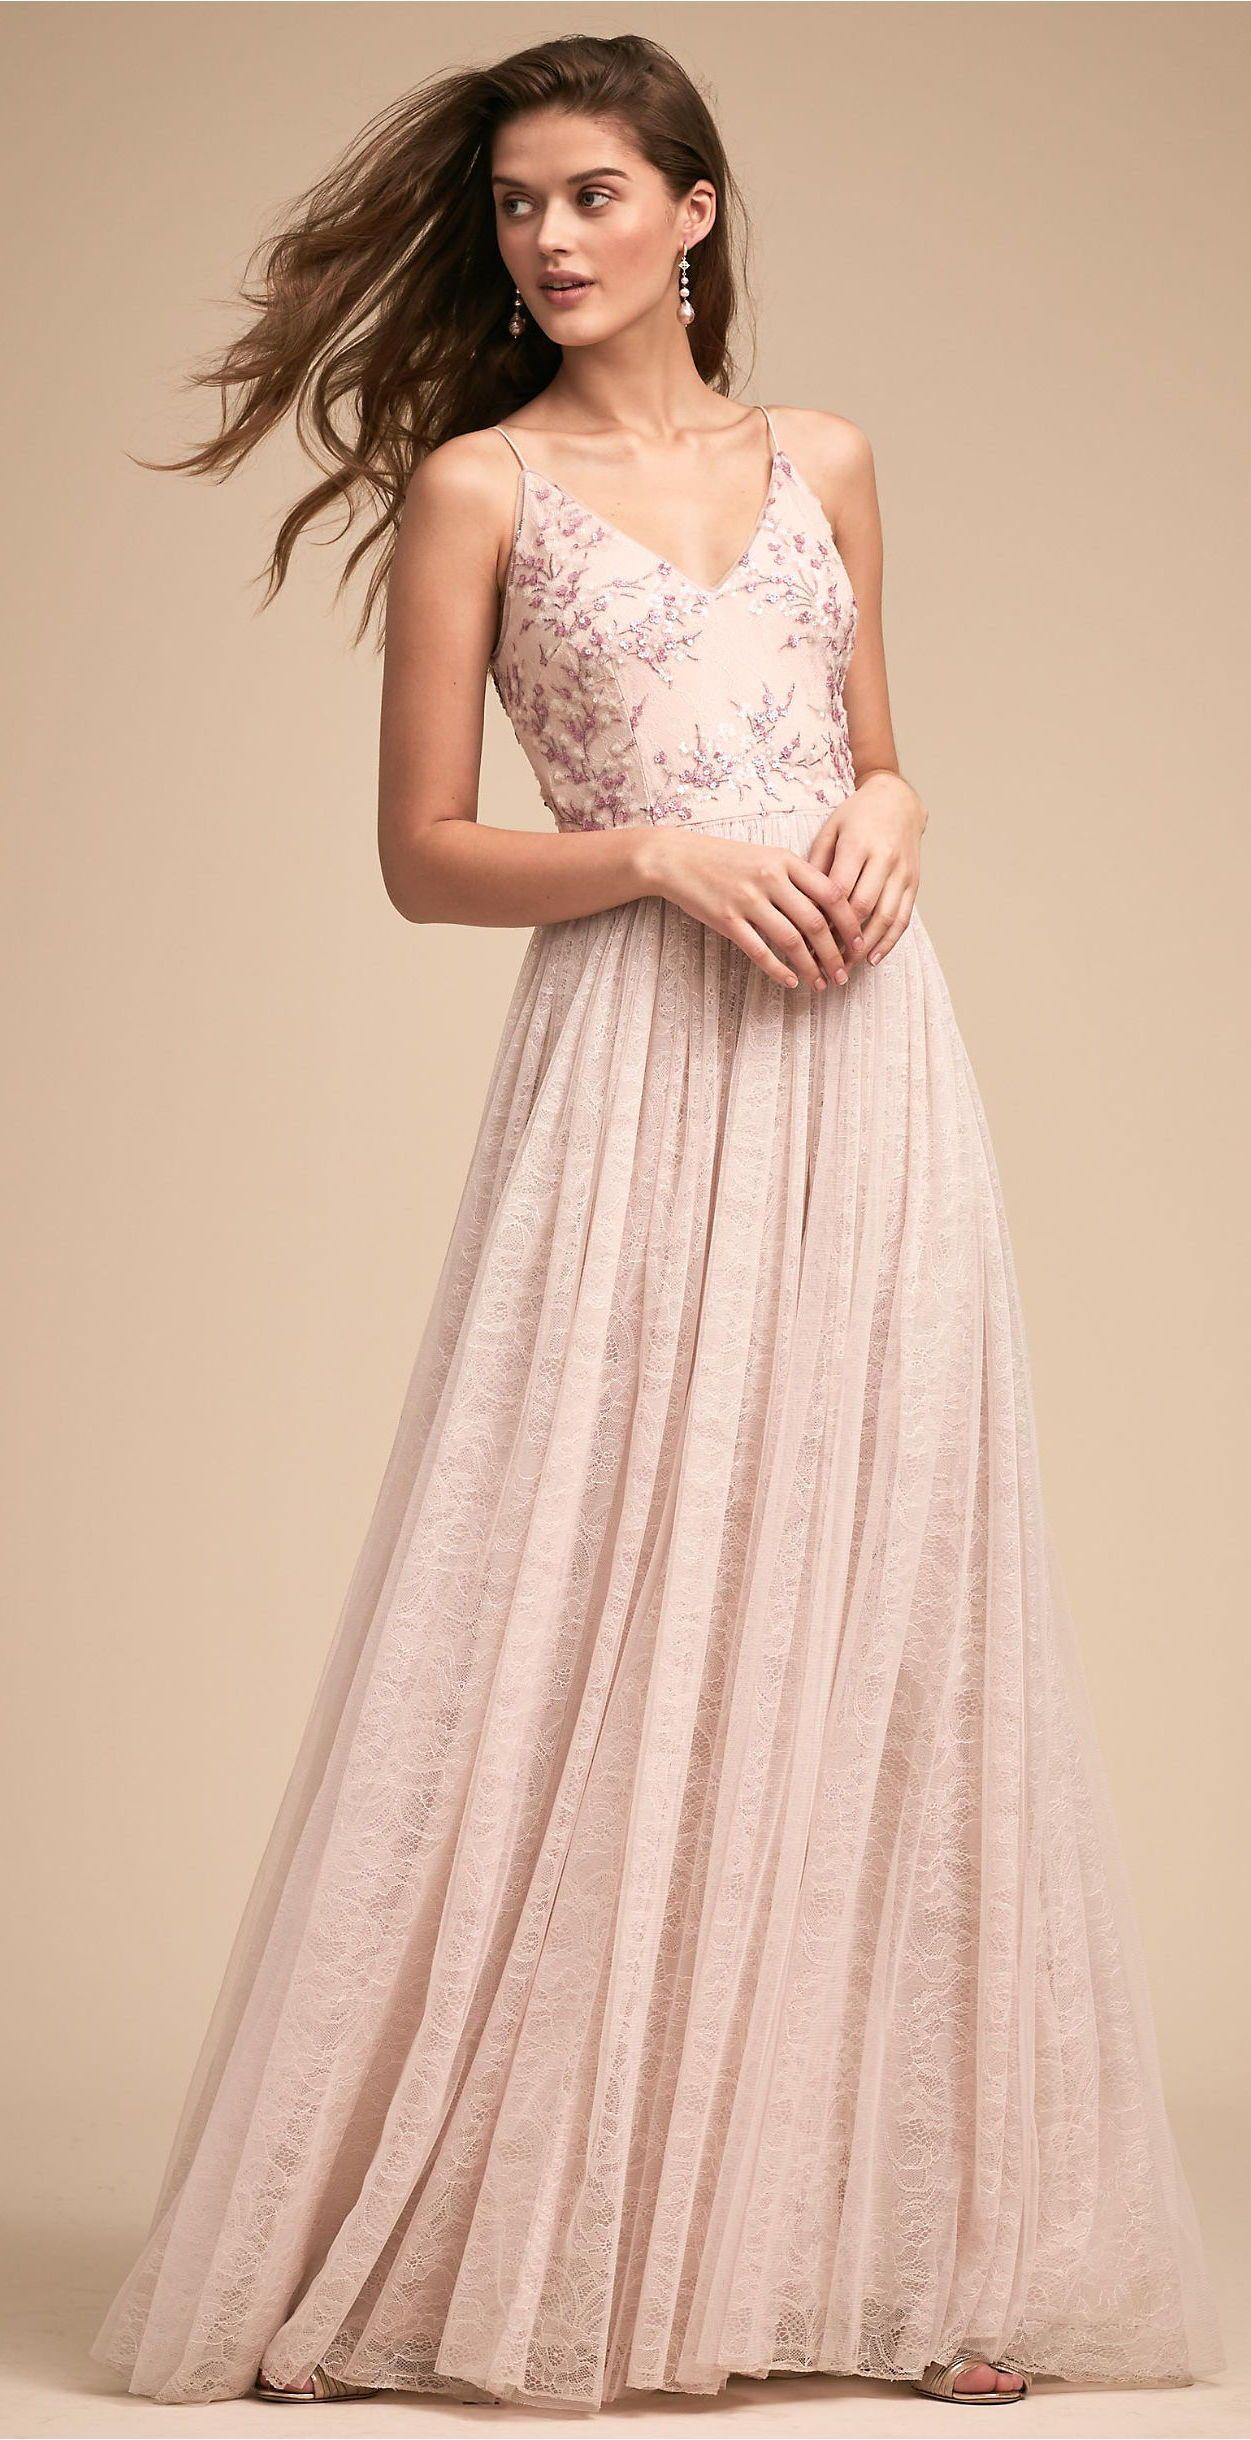 Bridesmaid Dresses | Formal/bridal gowns | Pinterest | Trajes de ...